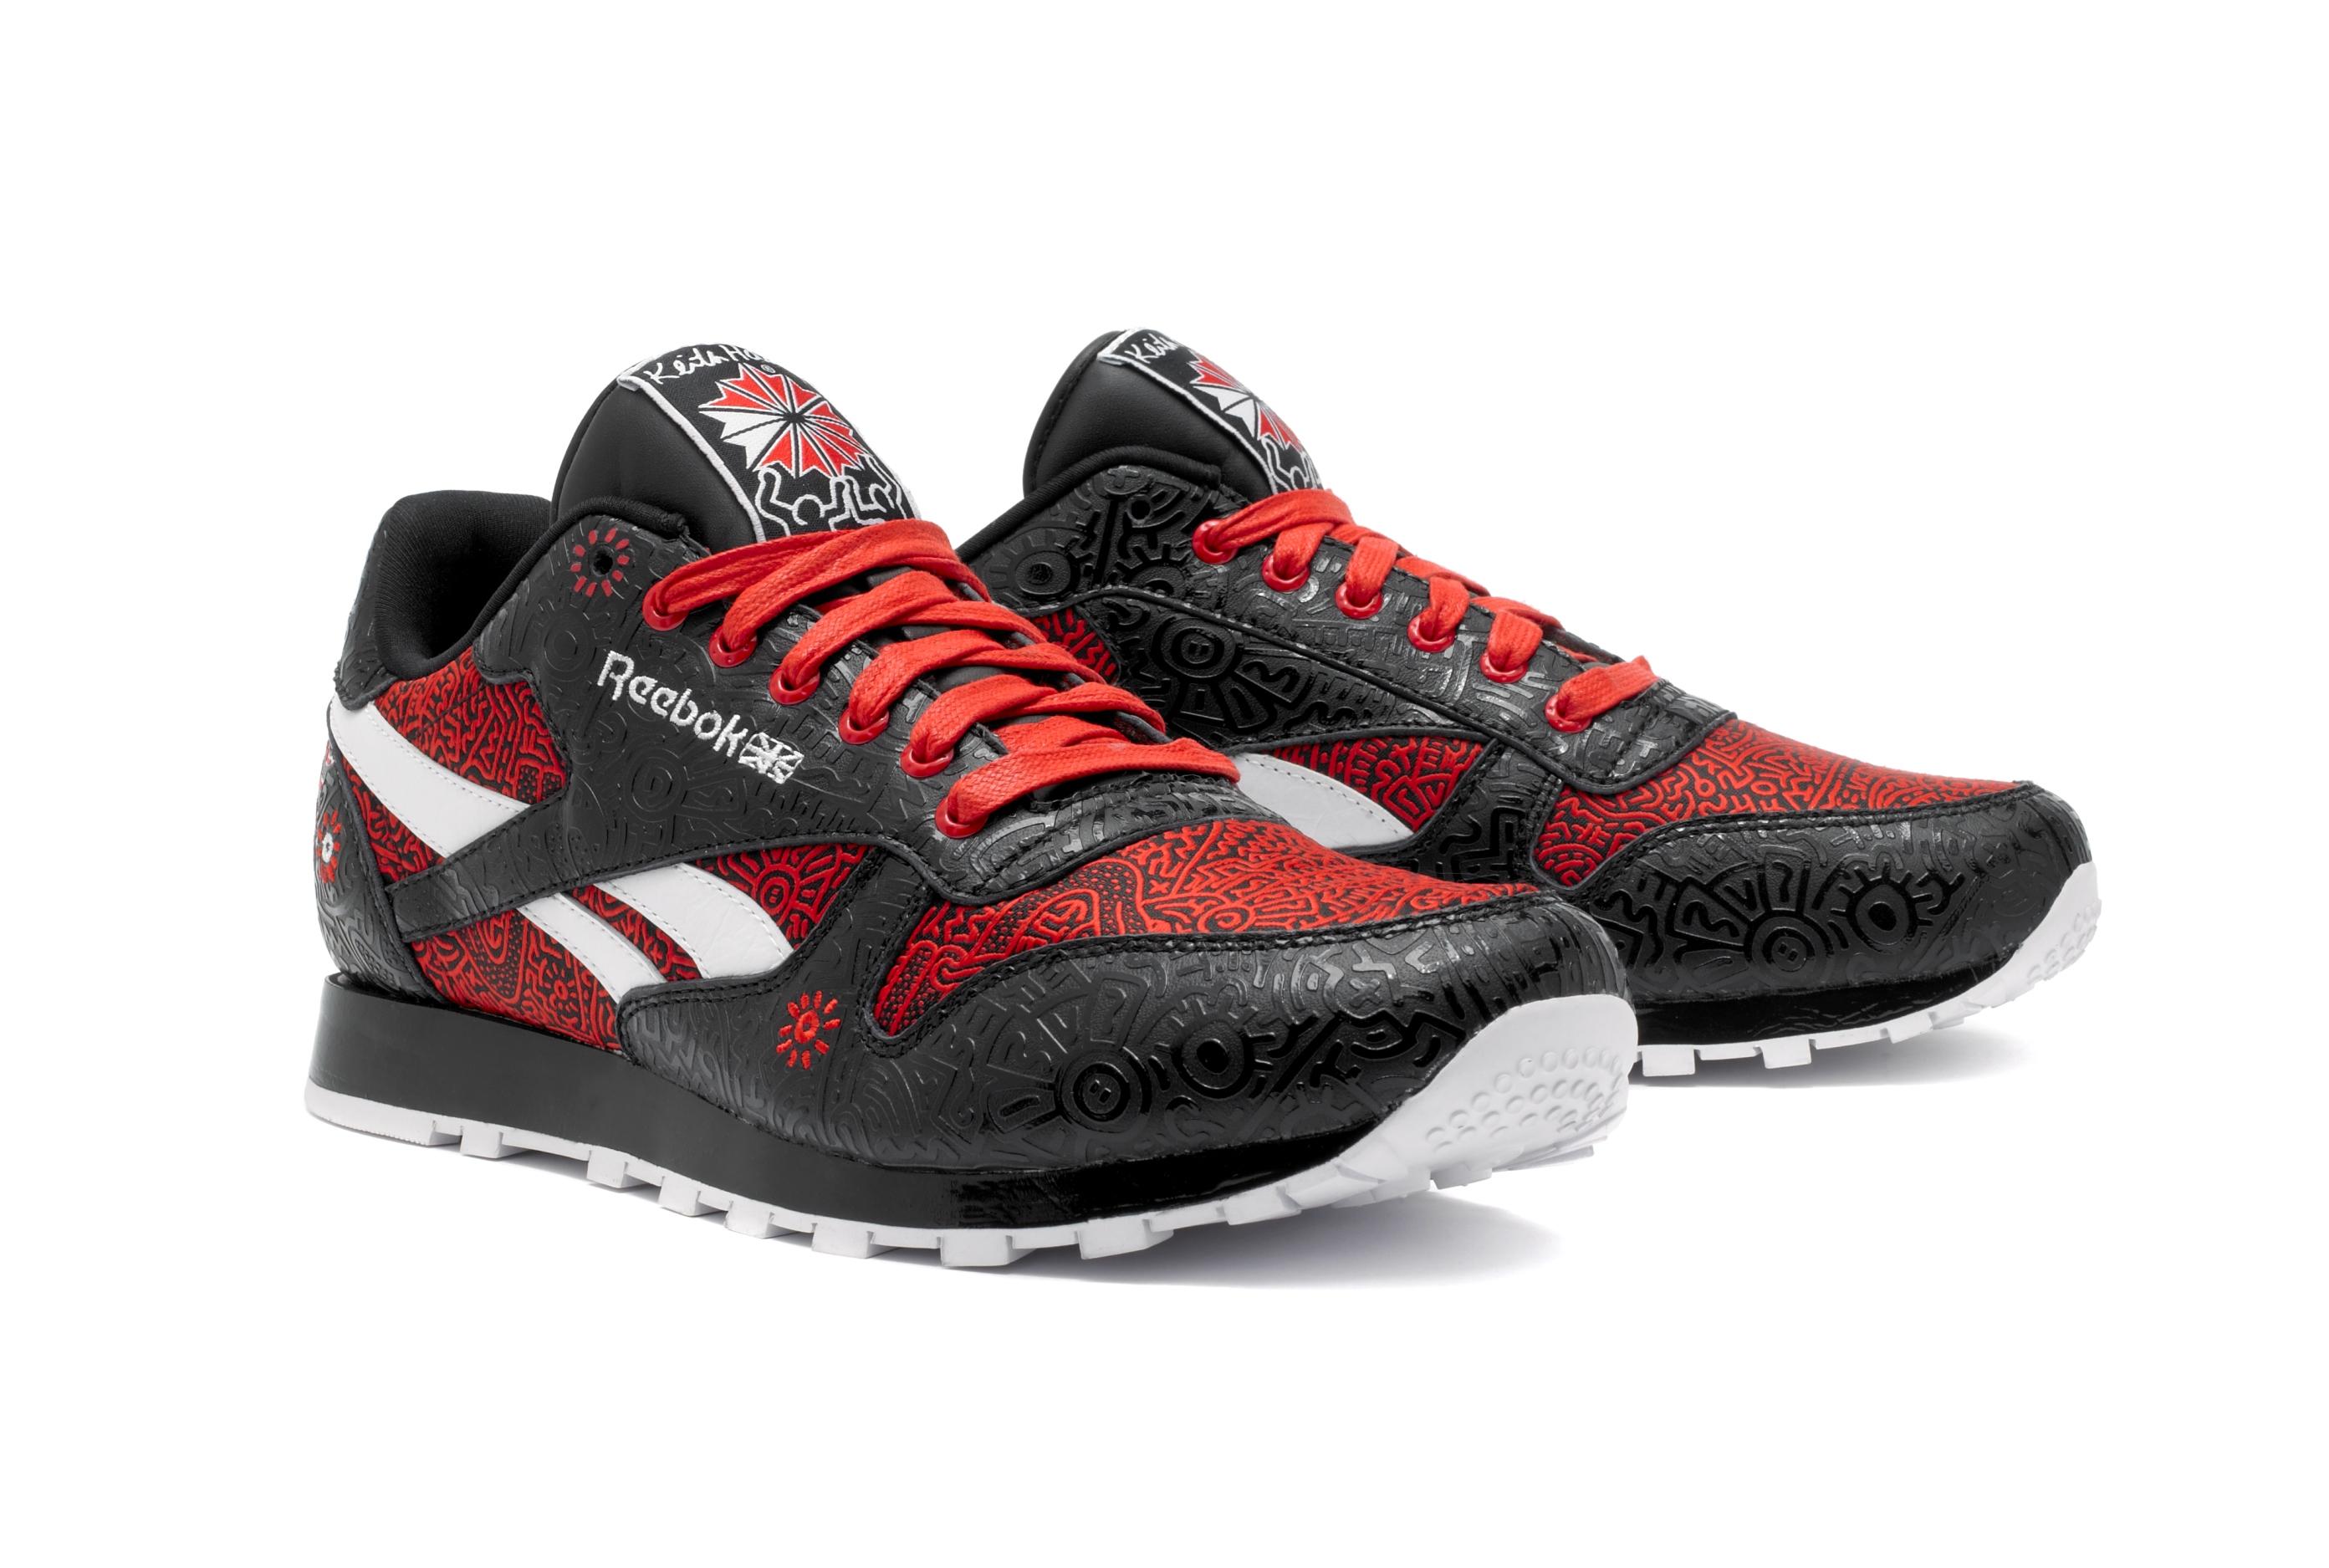 Reebok совместно с Фондом Кита Харинга создали мужскую коллекцию кроссовок Reebok...